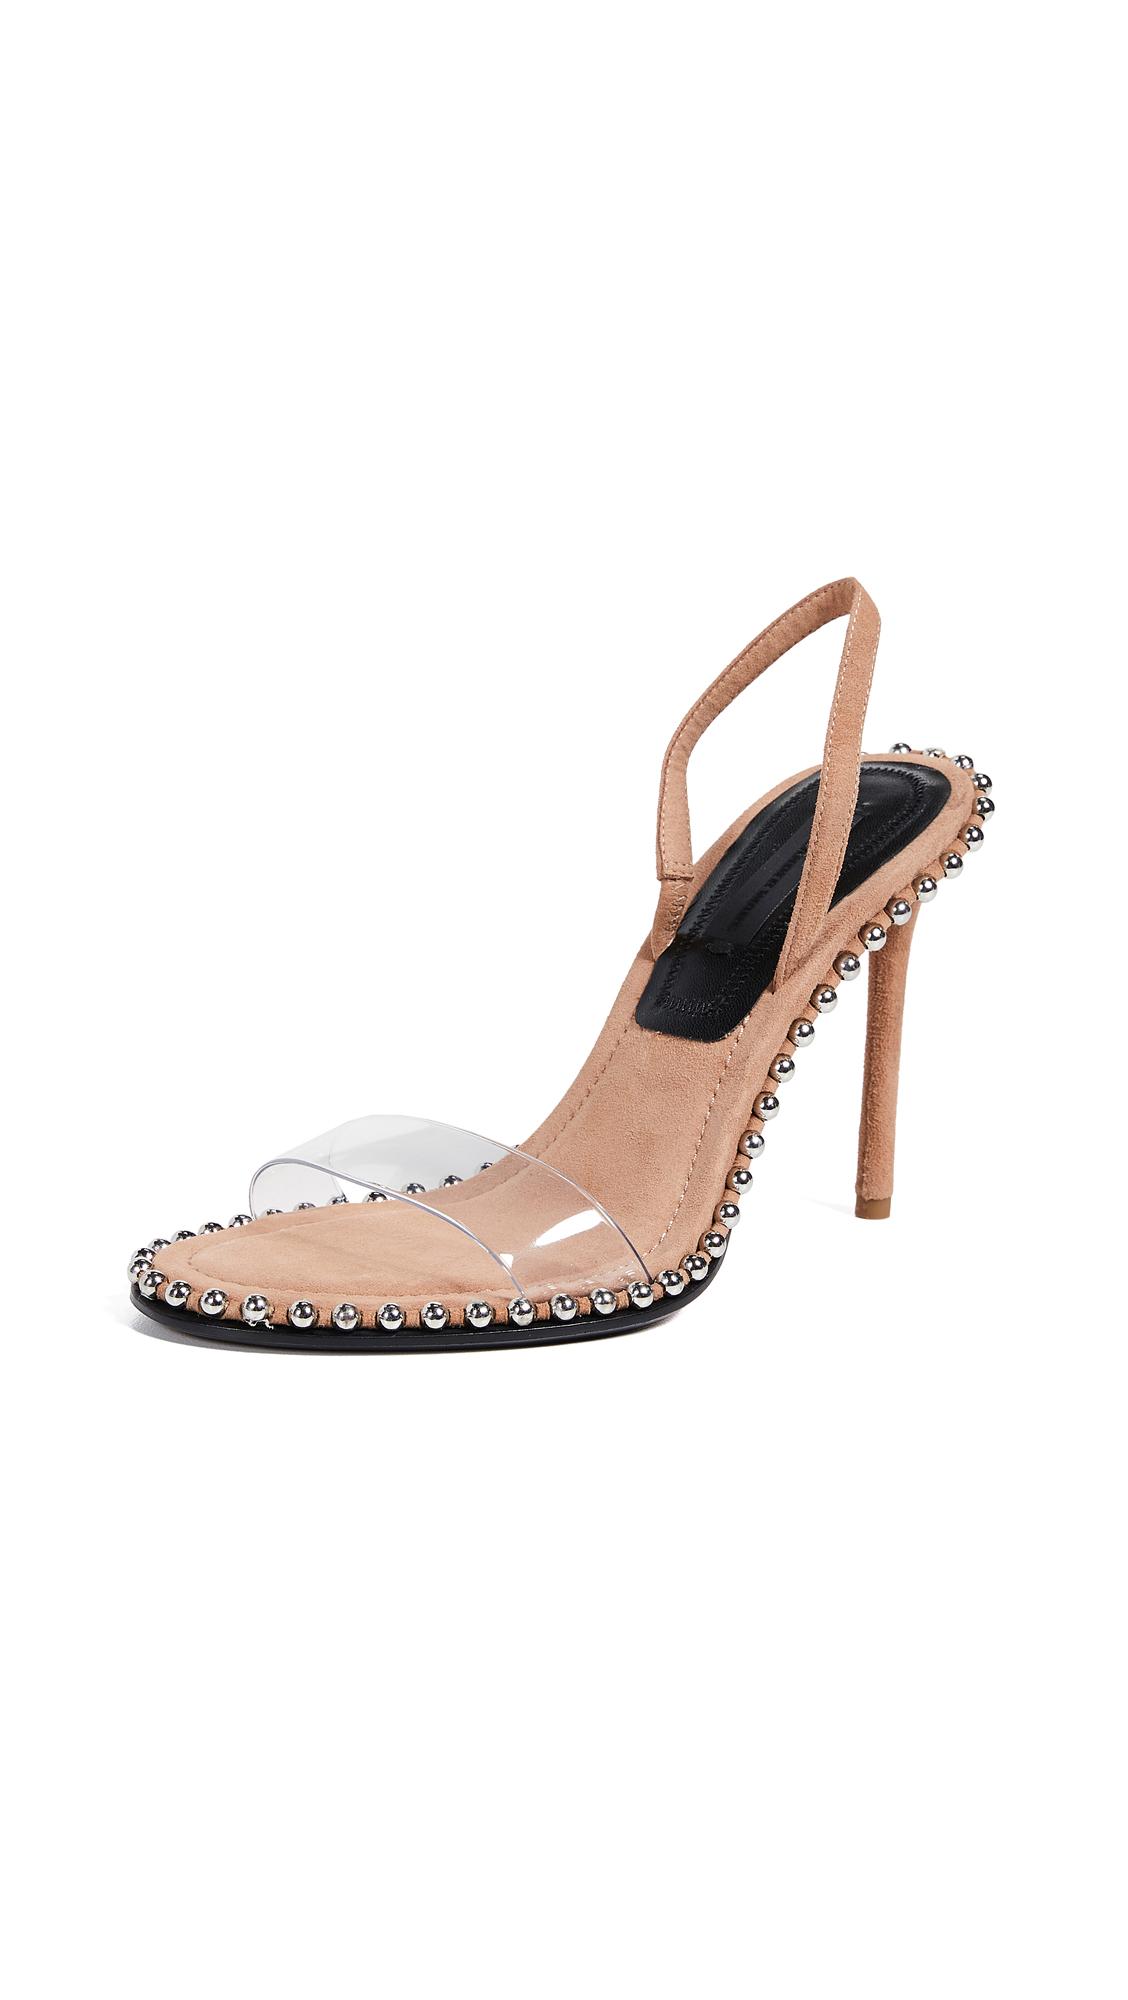 Buy Alexander Wang Nova Sandals online, shop Alexander Wang